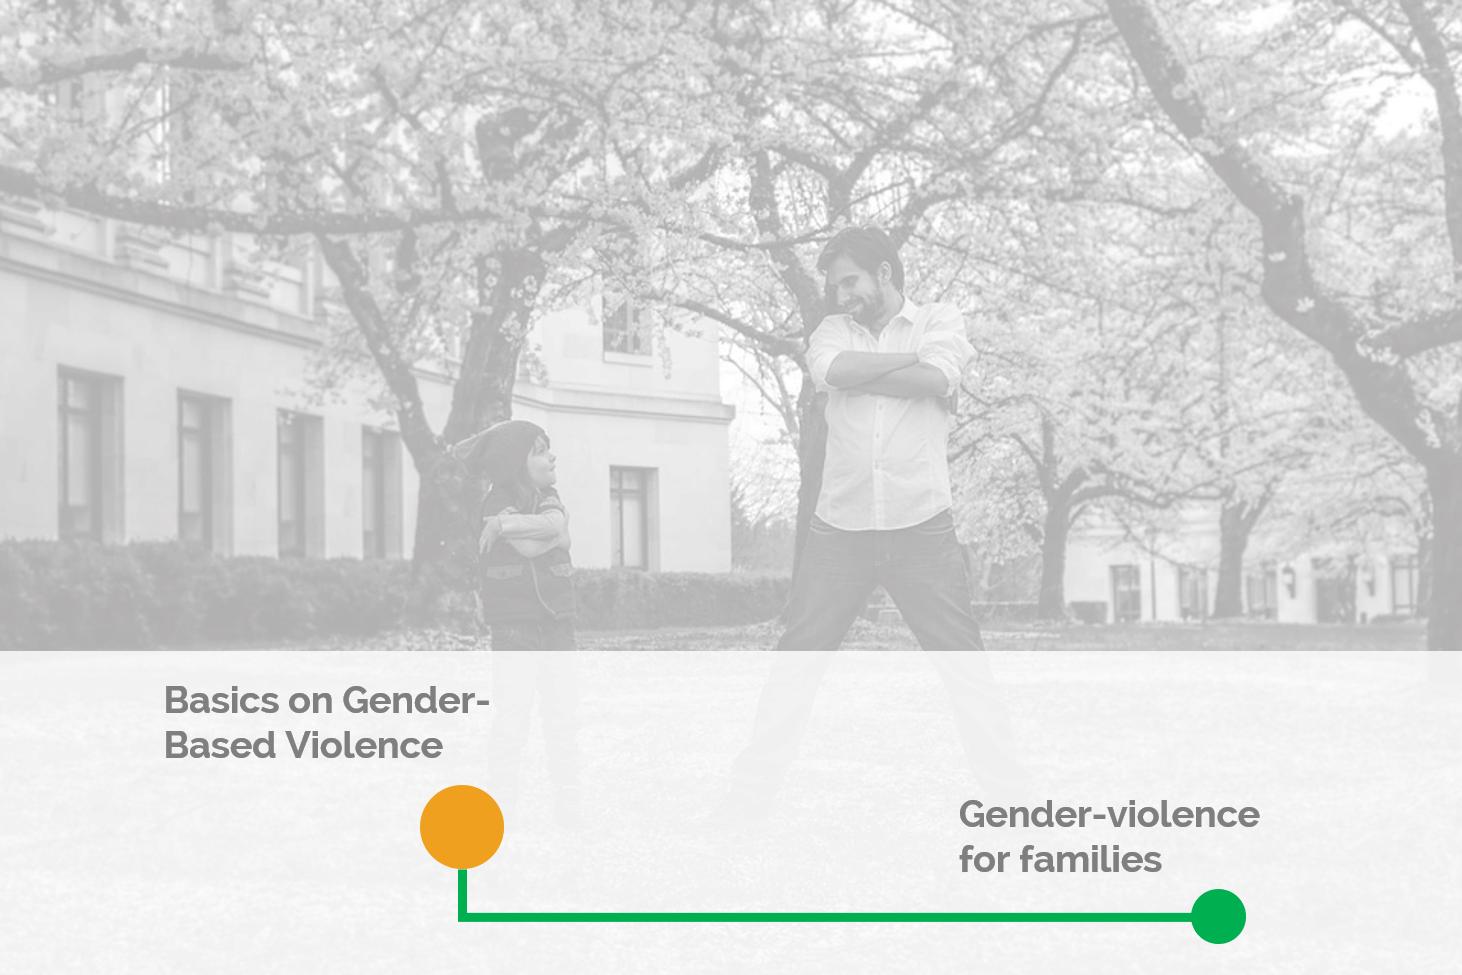 Violența de gen pentru familii